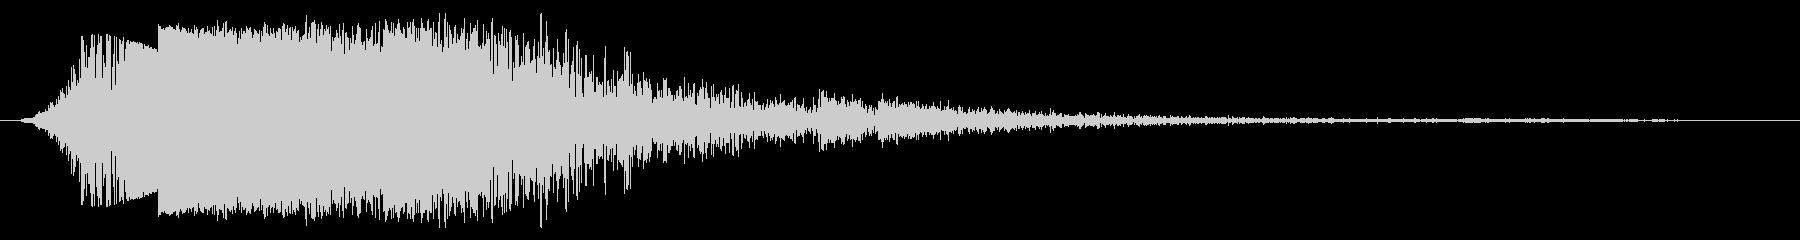 ピアスメタルスナップとデブリ、フォリーの未再生の波形